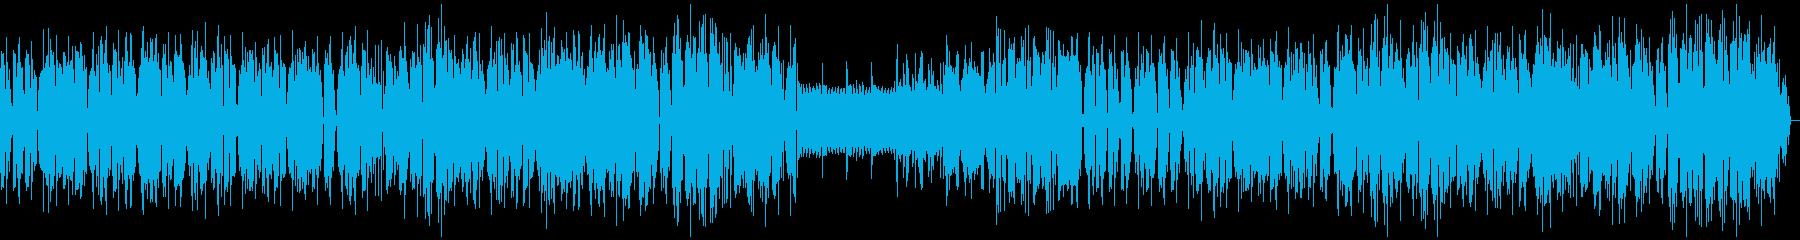 現代アートのような無機質BGMの再生済みの波形